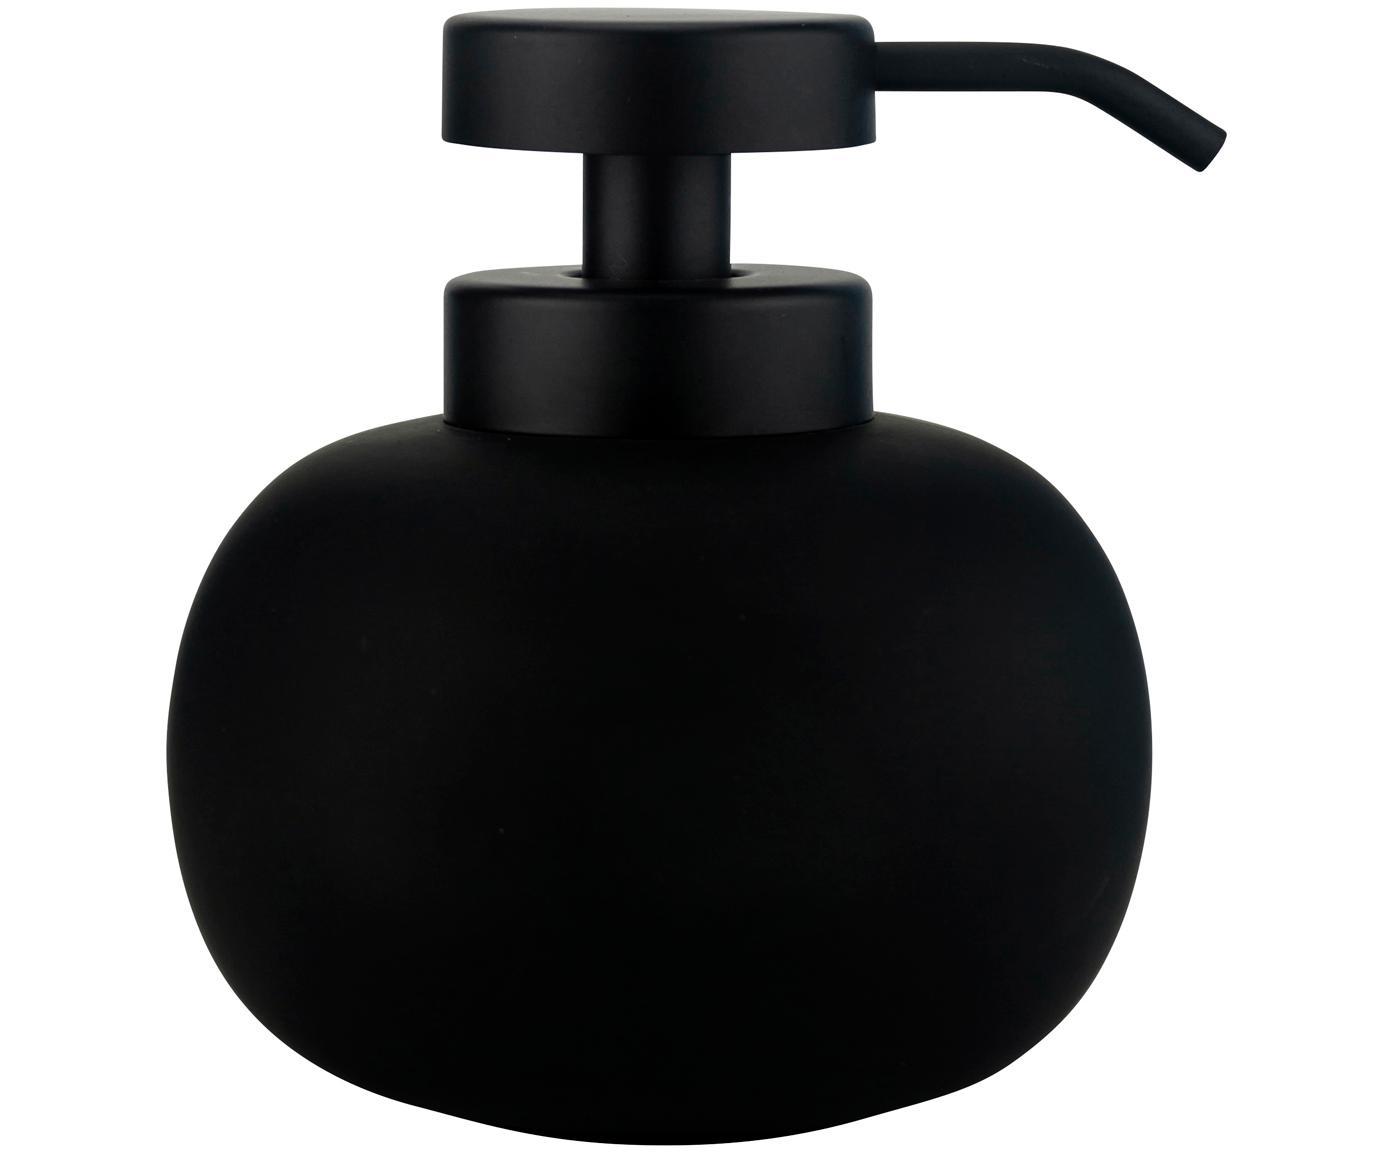 Dosificador de jabón Lotus, Recipiente: cerámica, Dosificador: metal, Negro, Ø 11 x Al 13 cm